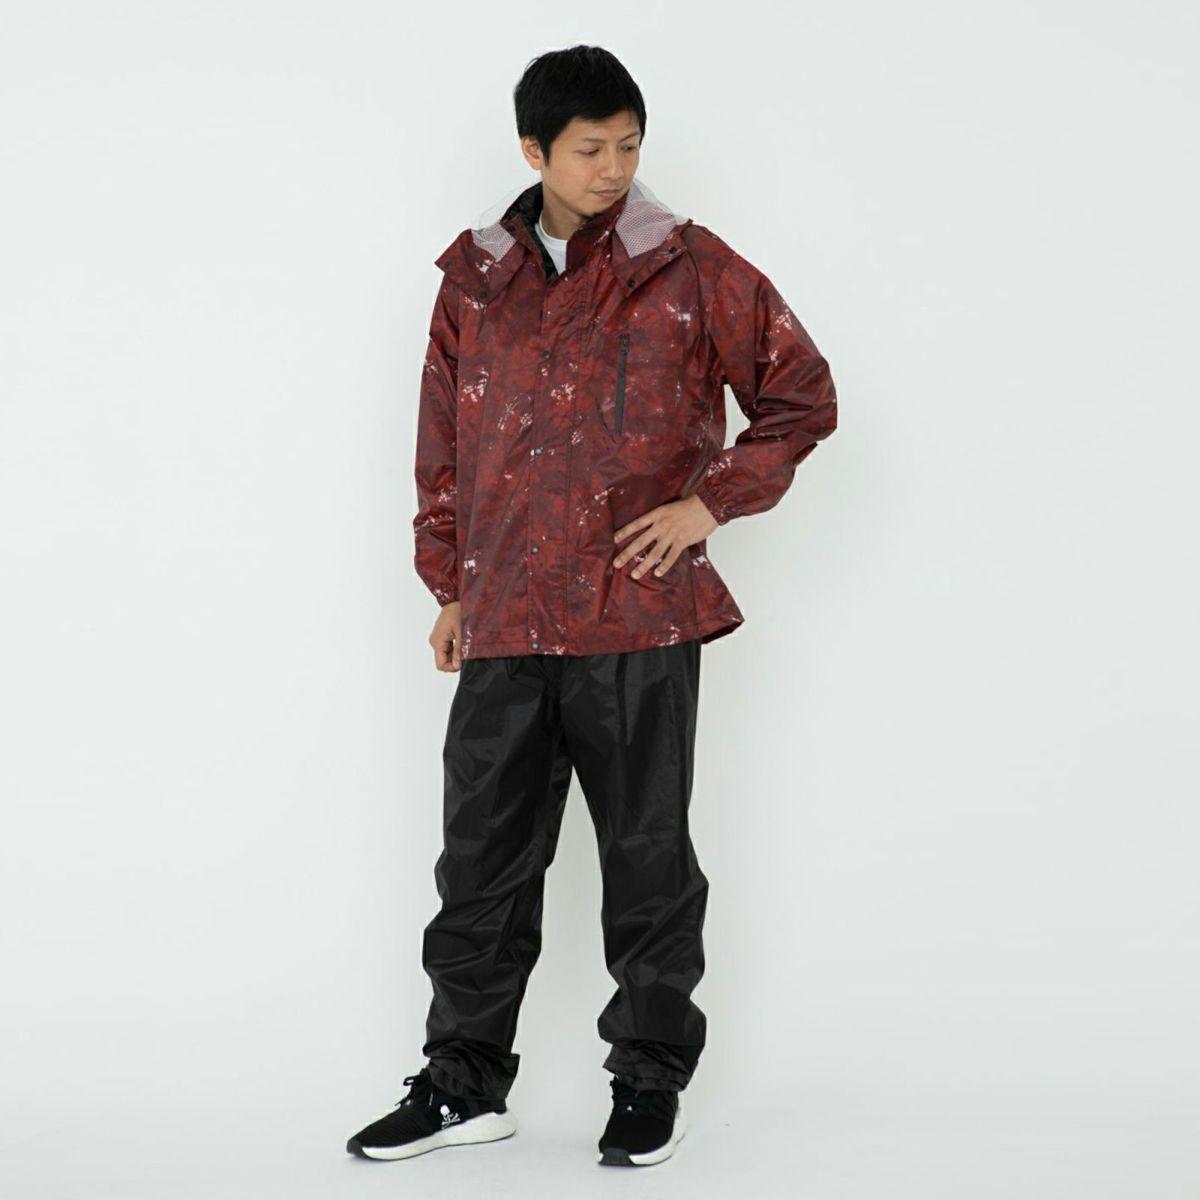 詳細:着用イメージ ペイント ジッパークローズ  [男性モデルのサイズ]身長:174cm 着用サイズ:L